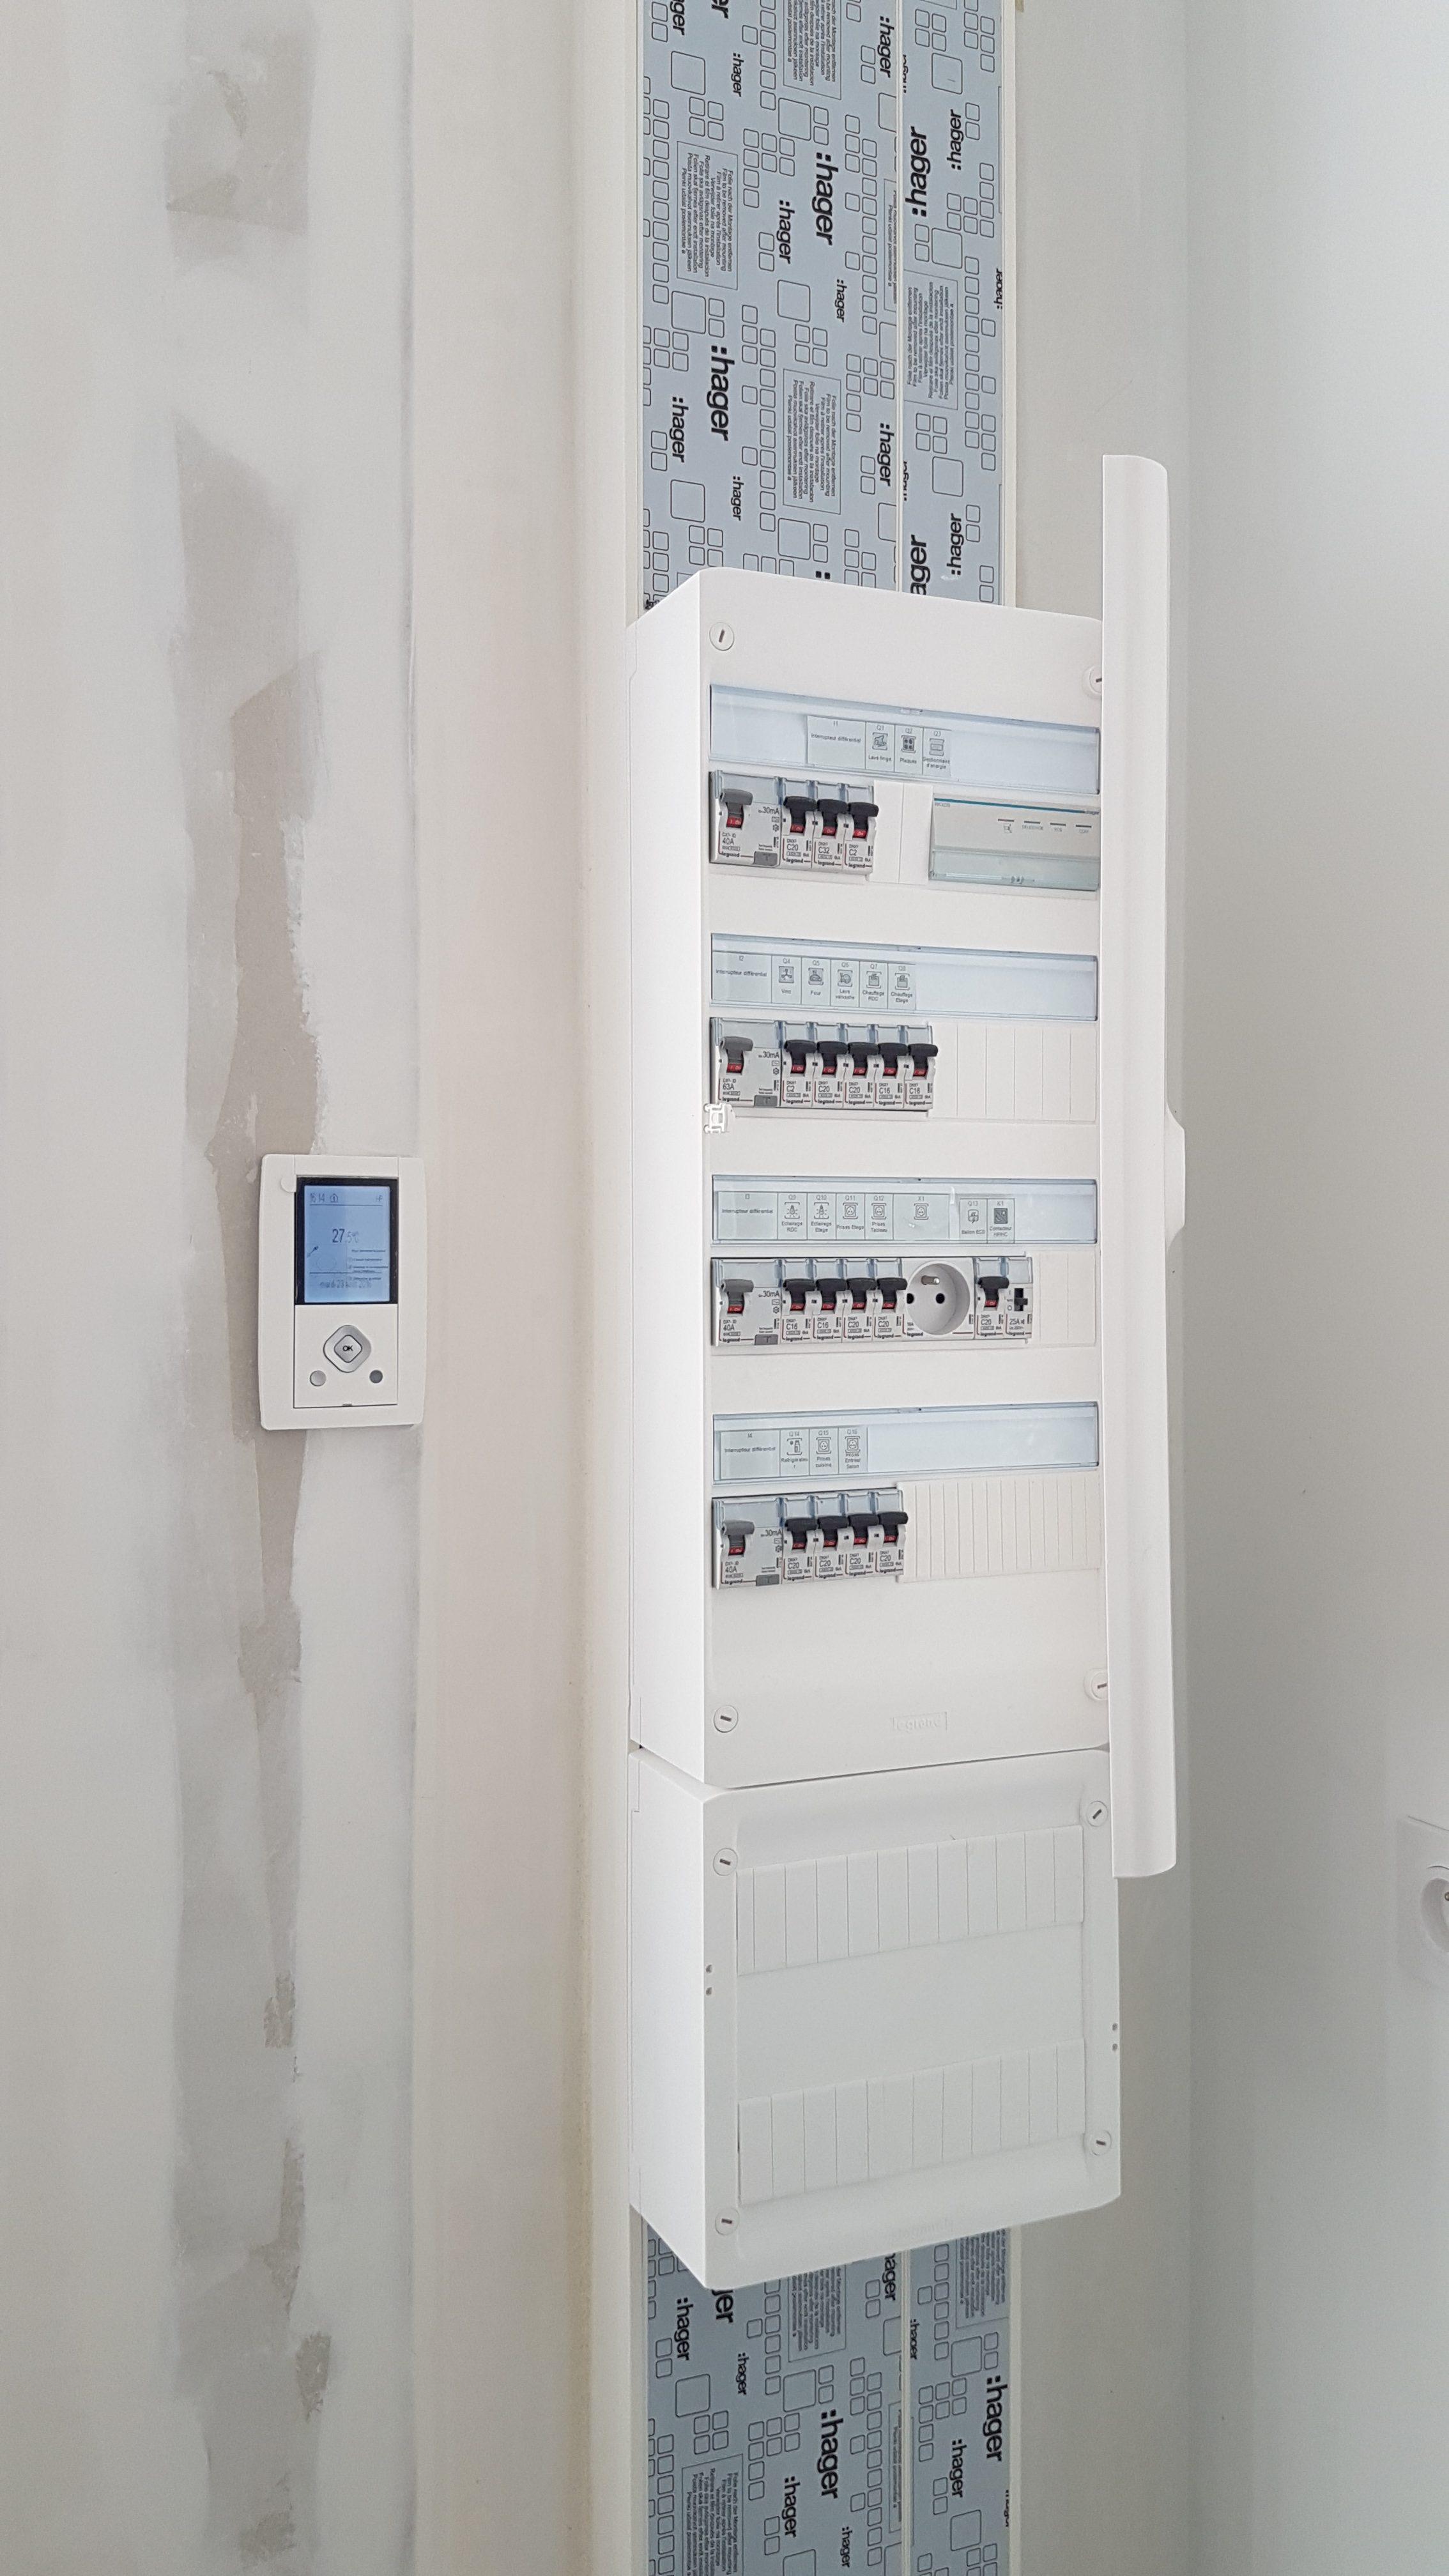 Rénovation électrique d'une maison individuelle à Bruz